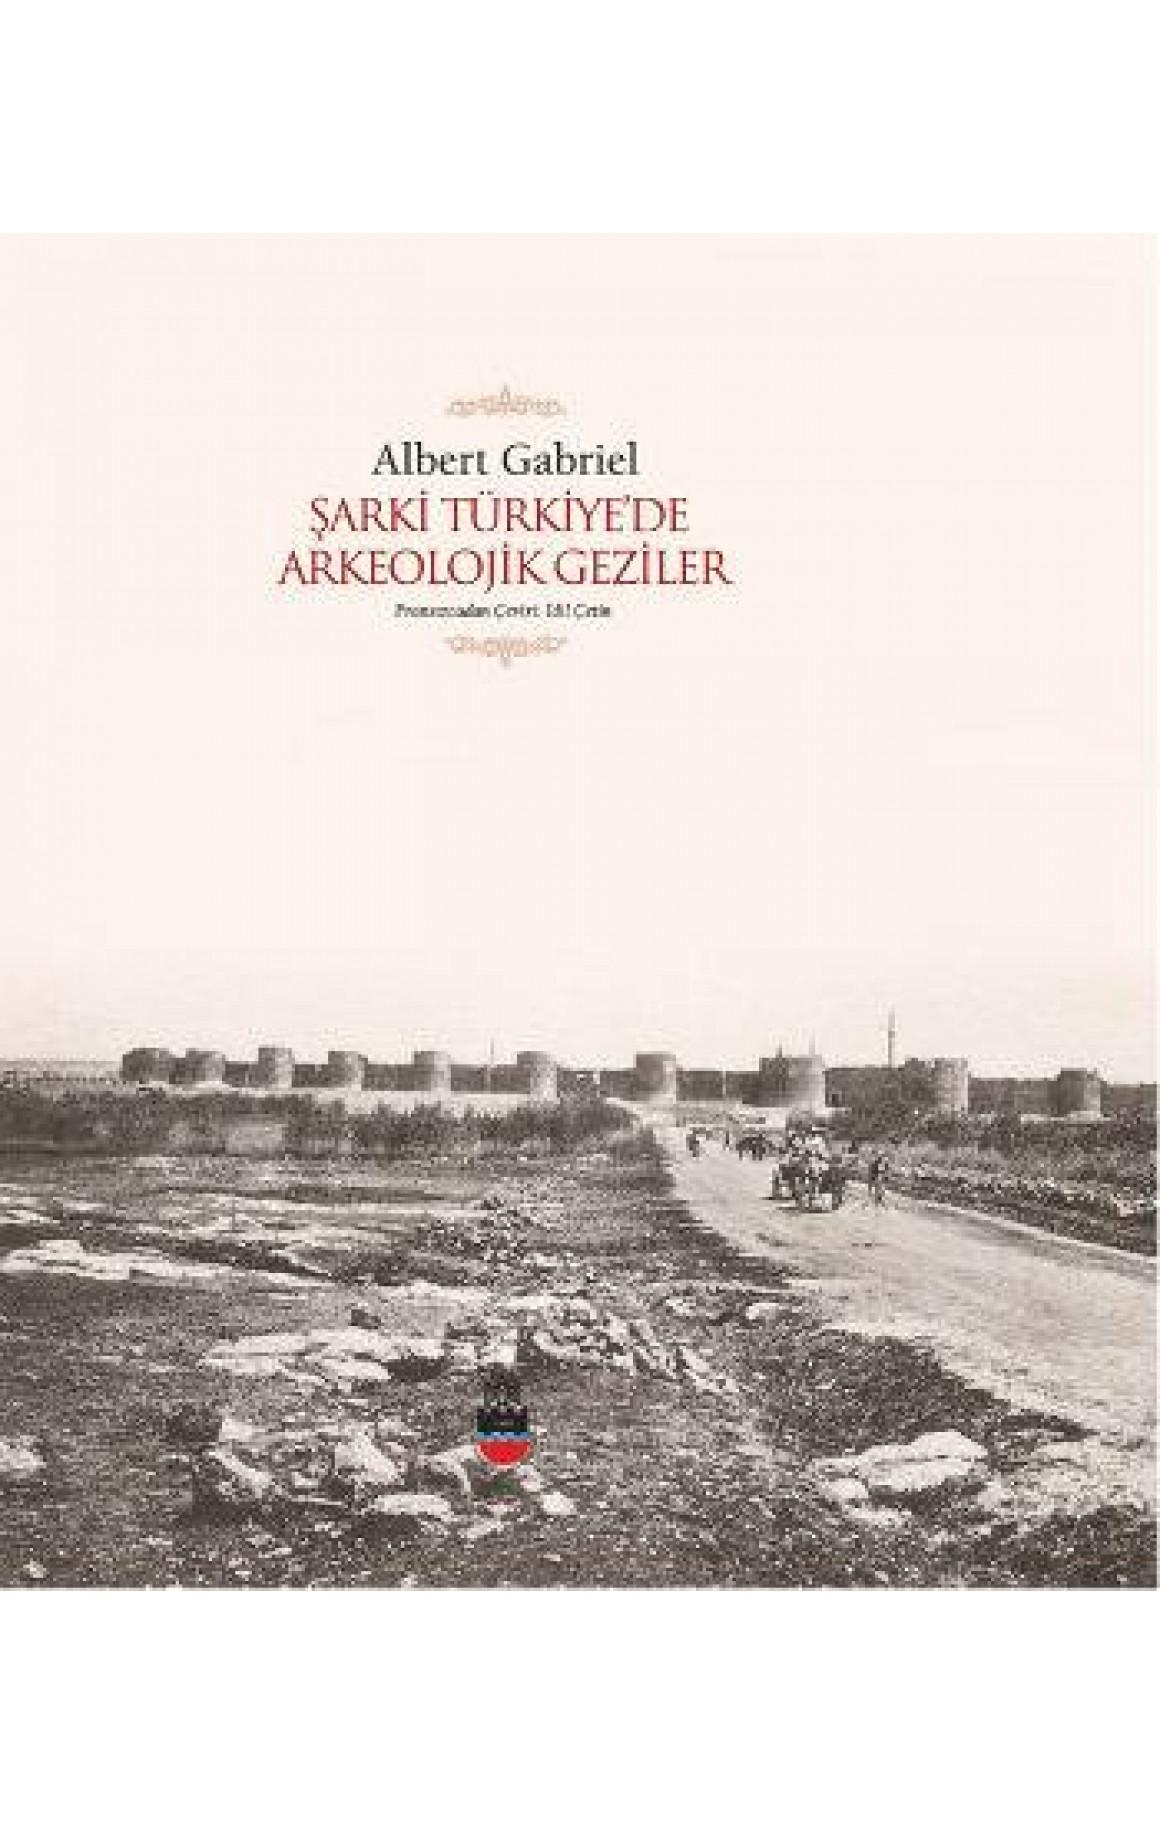 Şarki Türkiye'de Arkeolojik Geziler